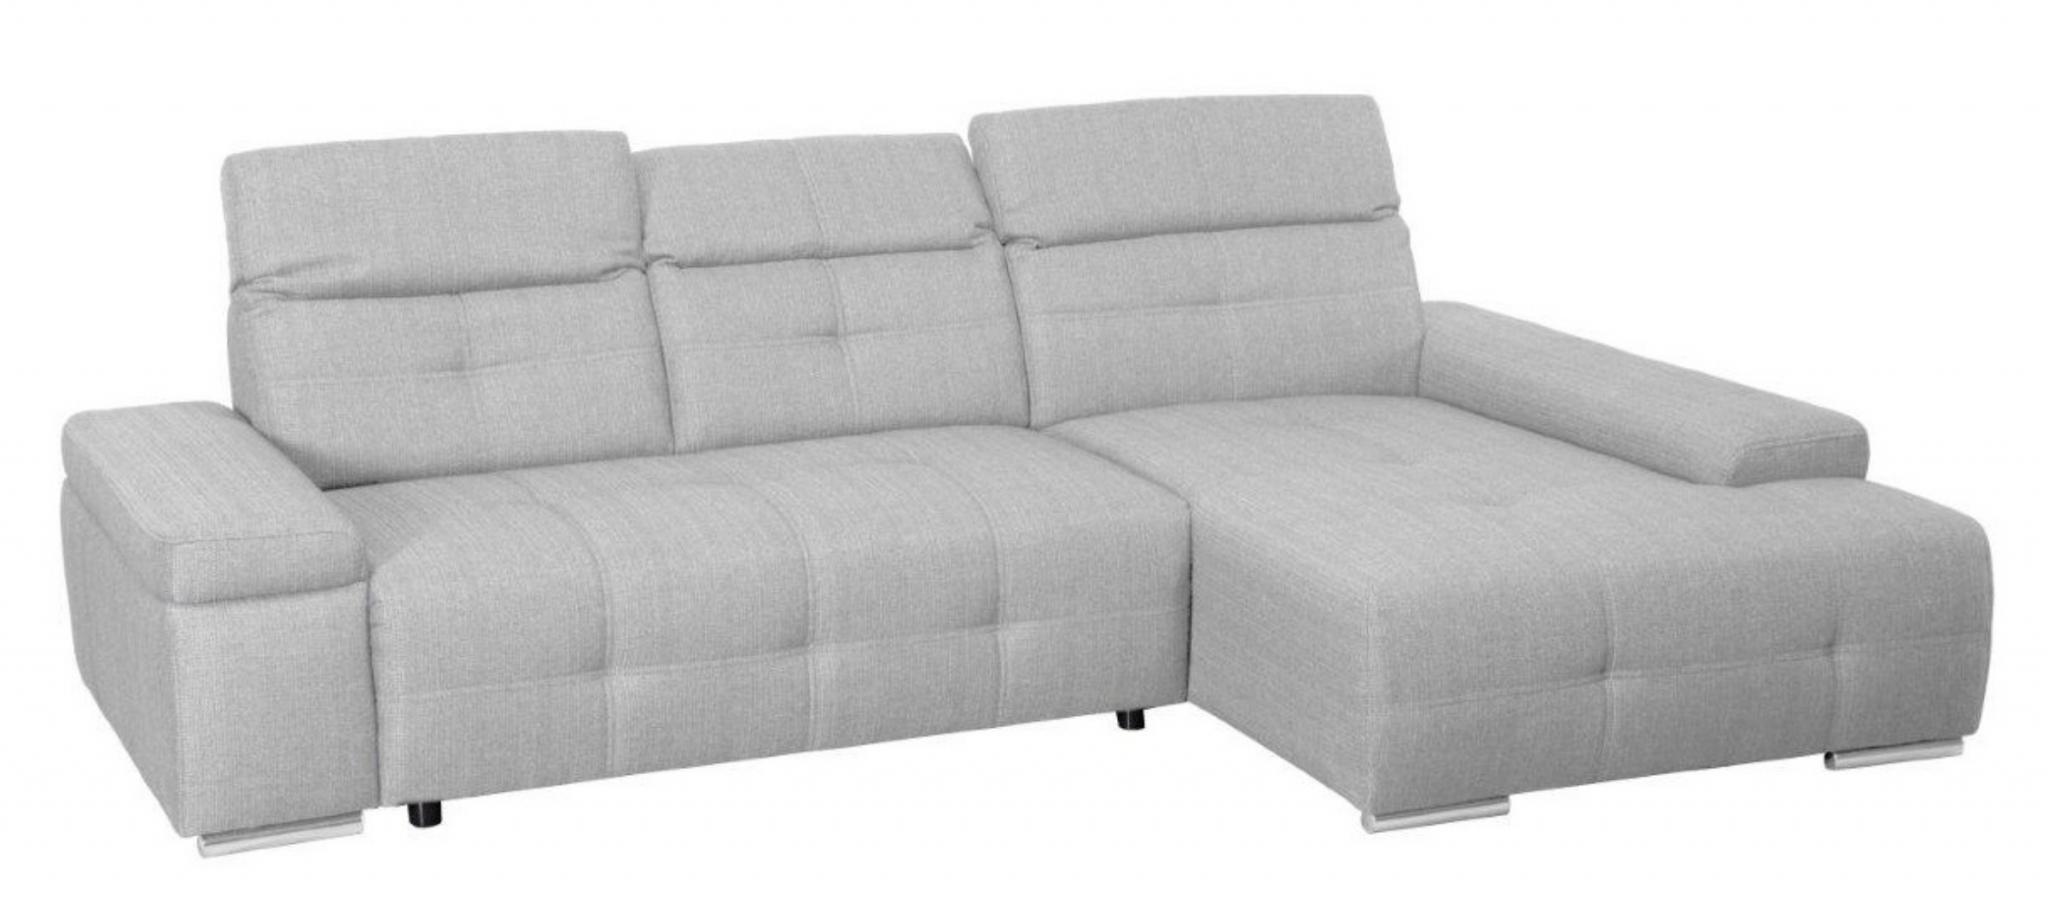 Los mejores chaise longue de conforama prodecoracion for Sofas baratos conforama